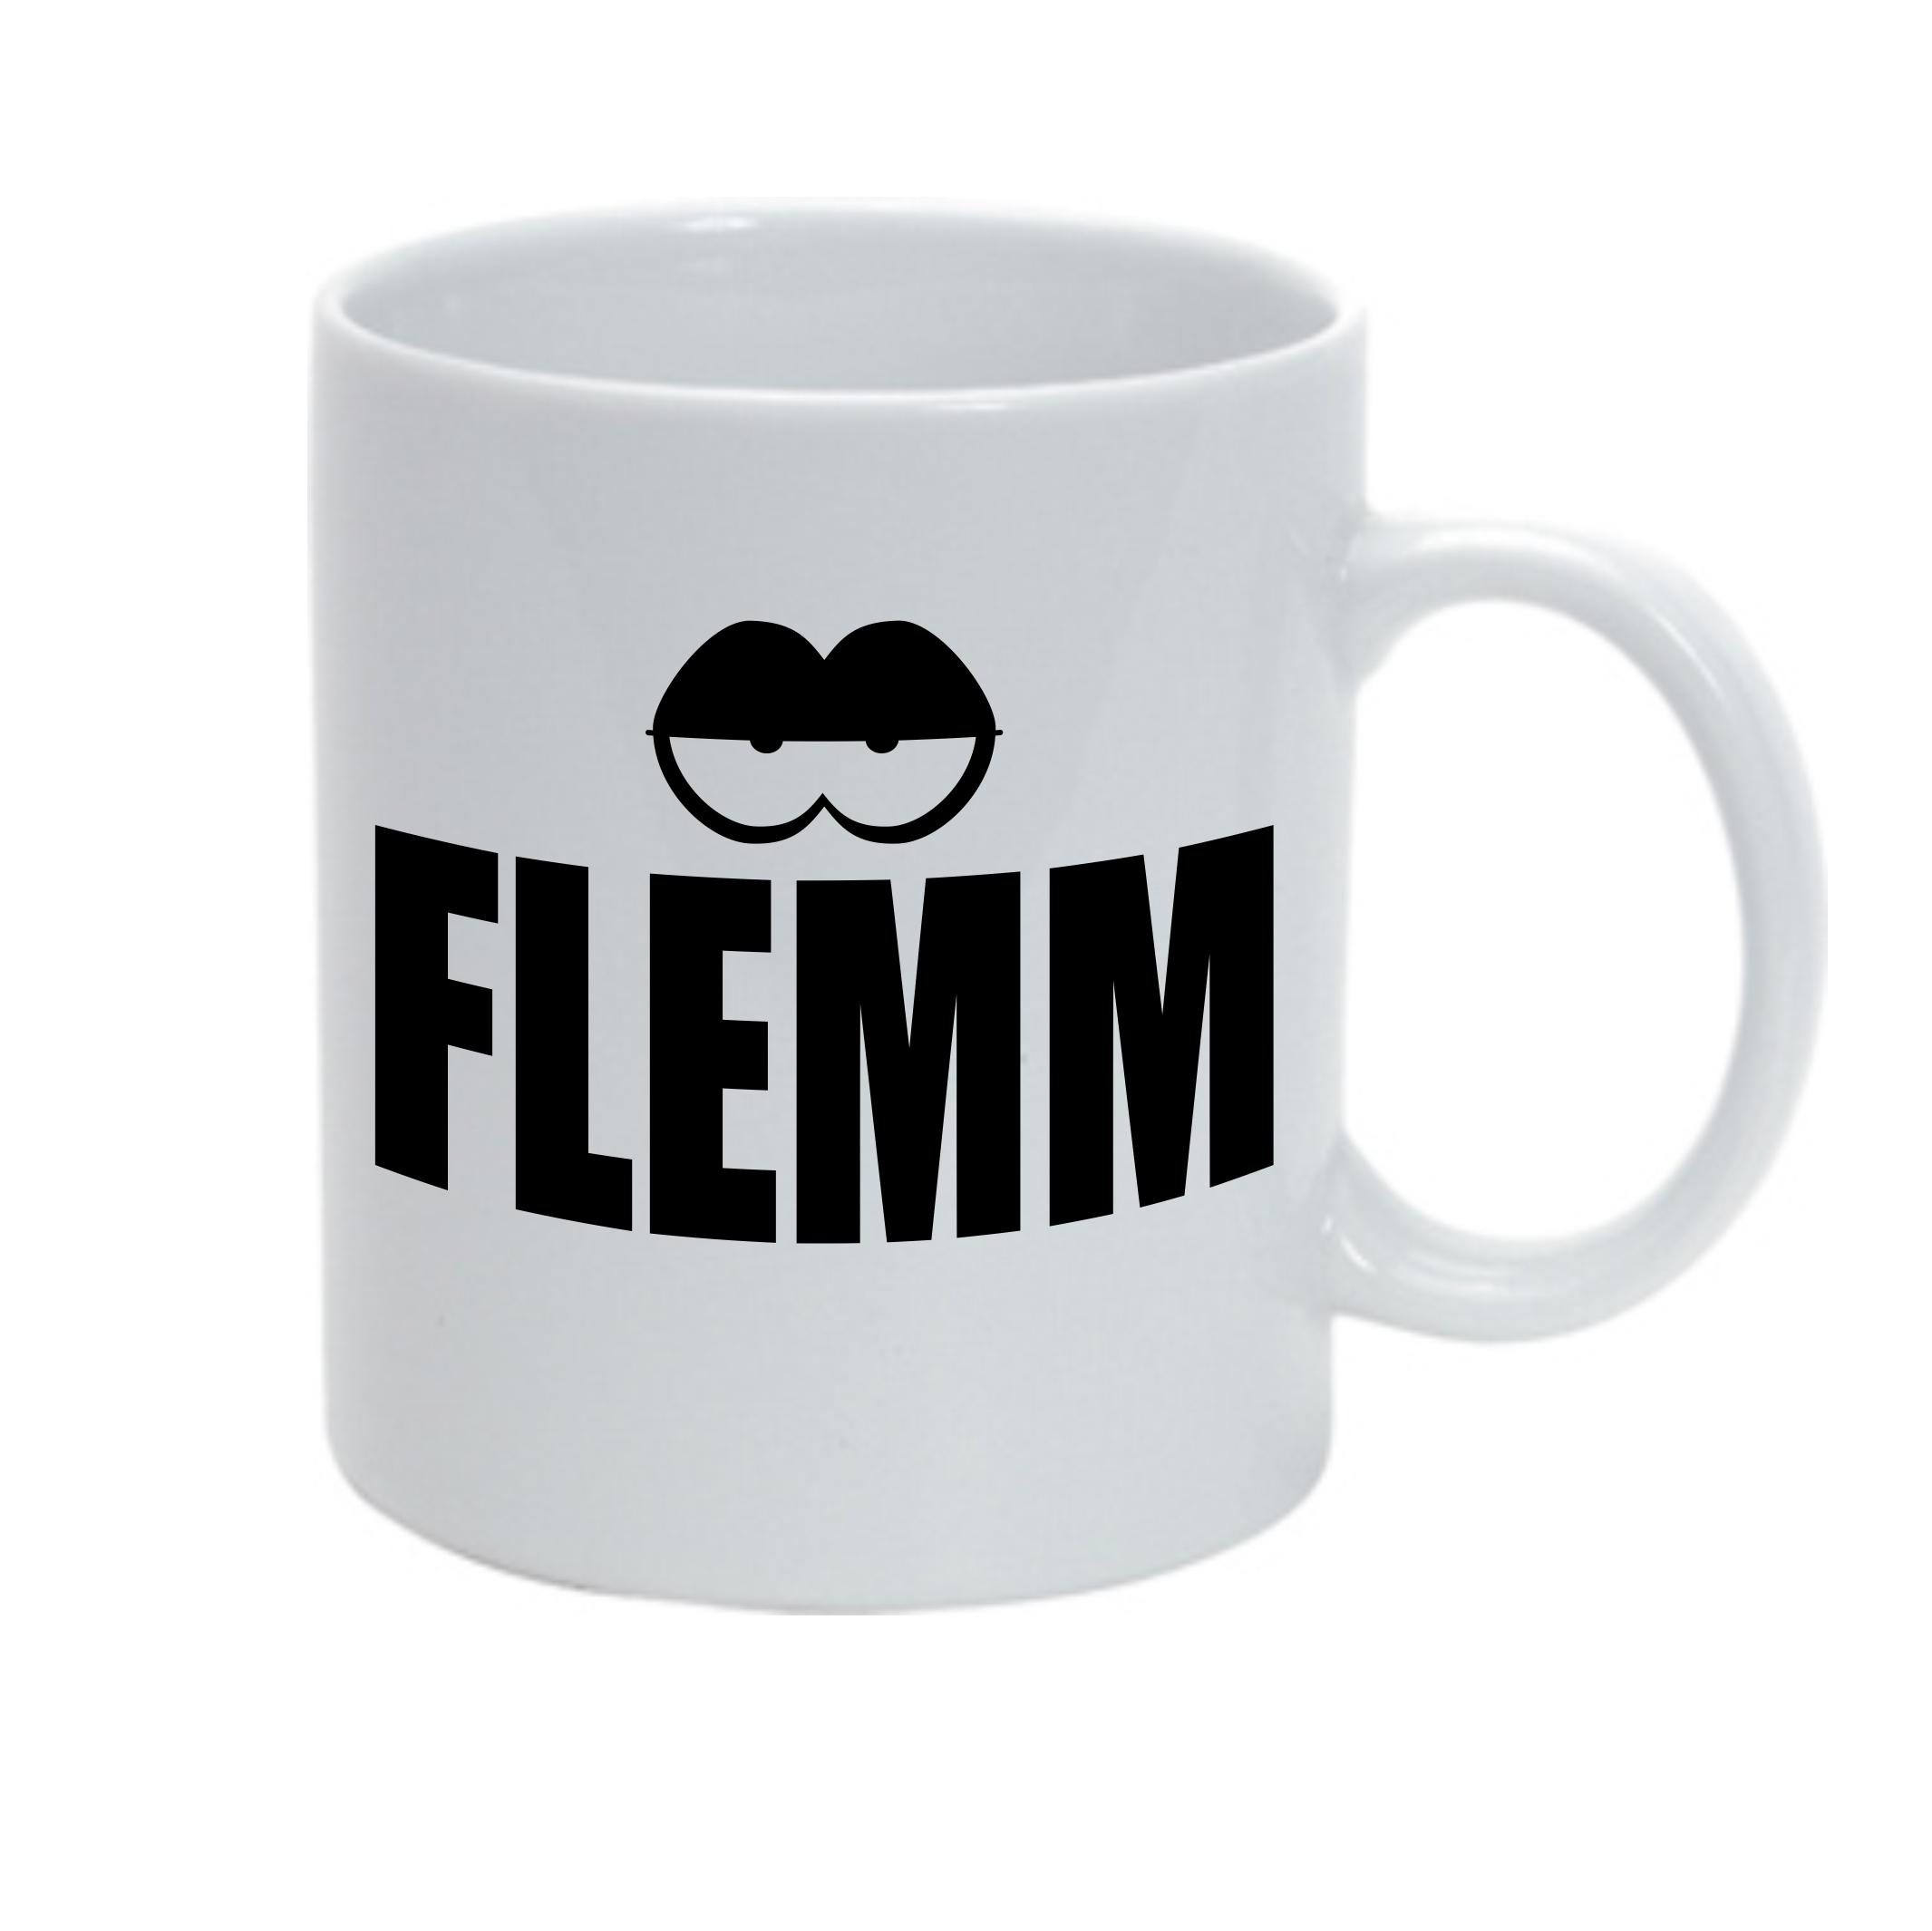 """Kaffeetasse """" Flemm"""""""